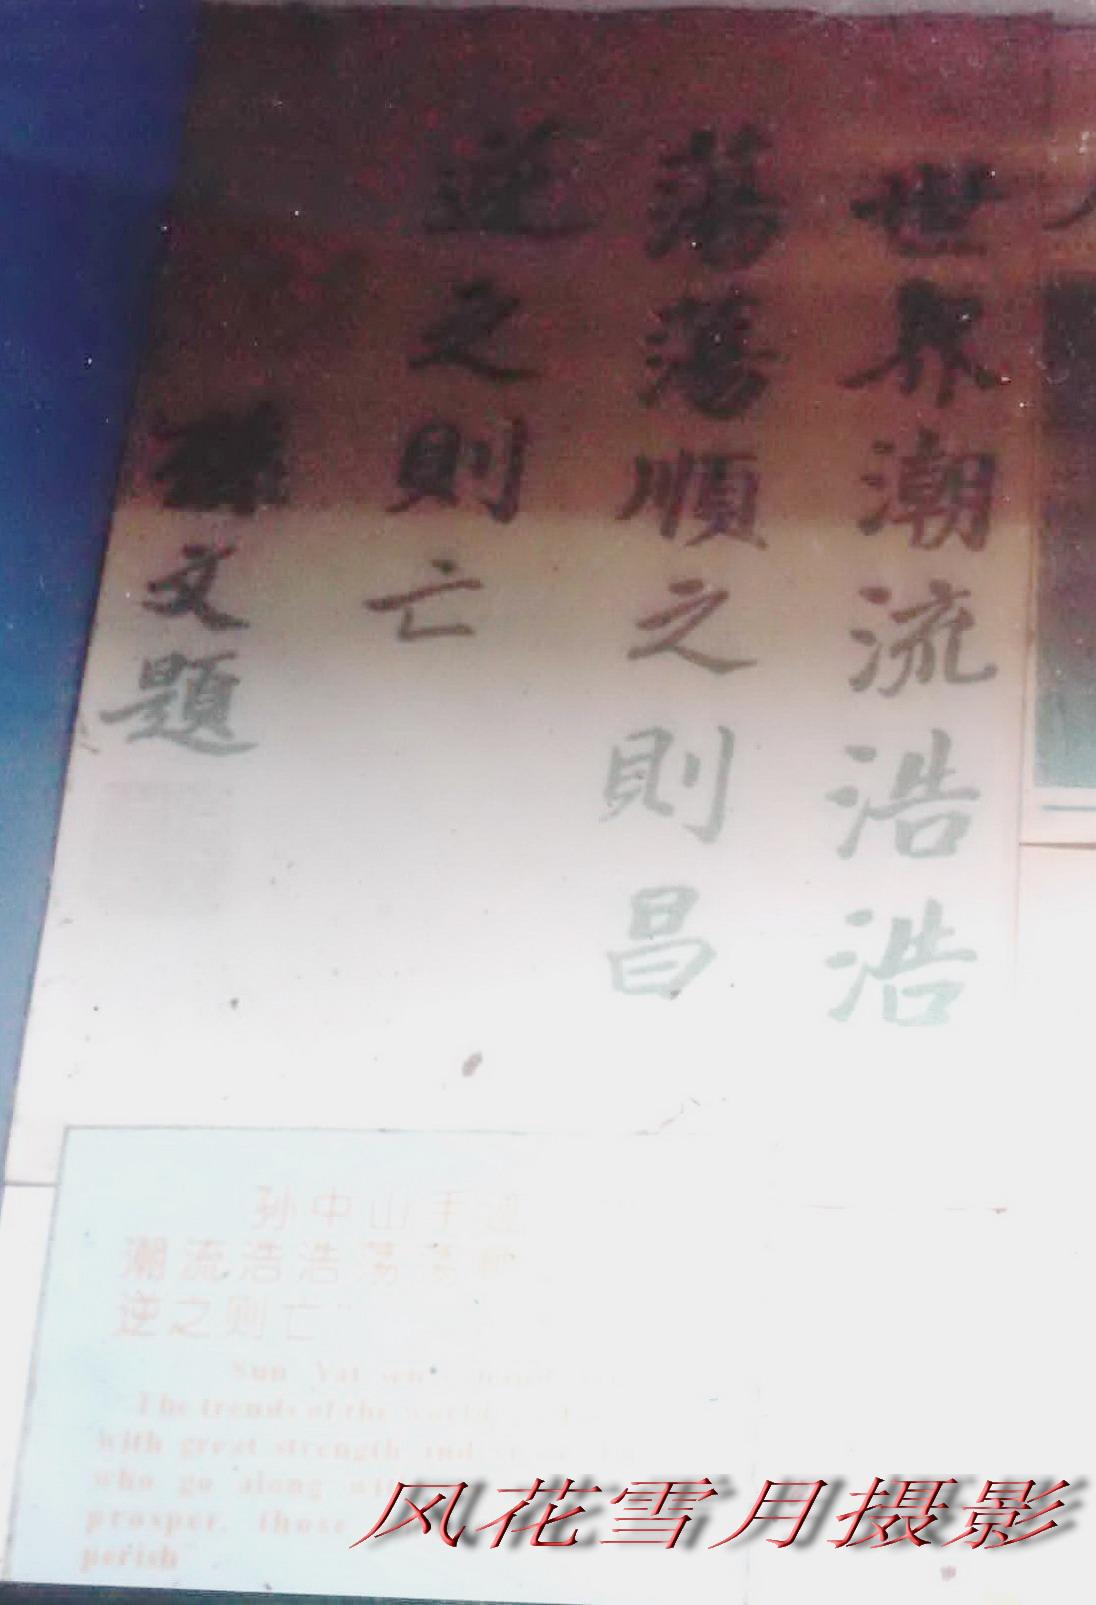 国父孙中山先生_[原创]国父纪念堂缅怀(游梧州之七) - 风花雪月 - 红豆博客